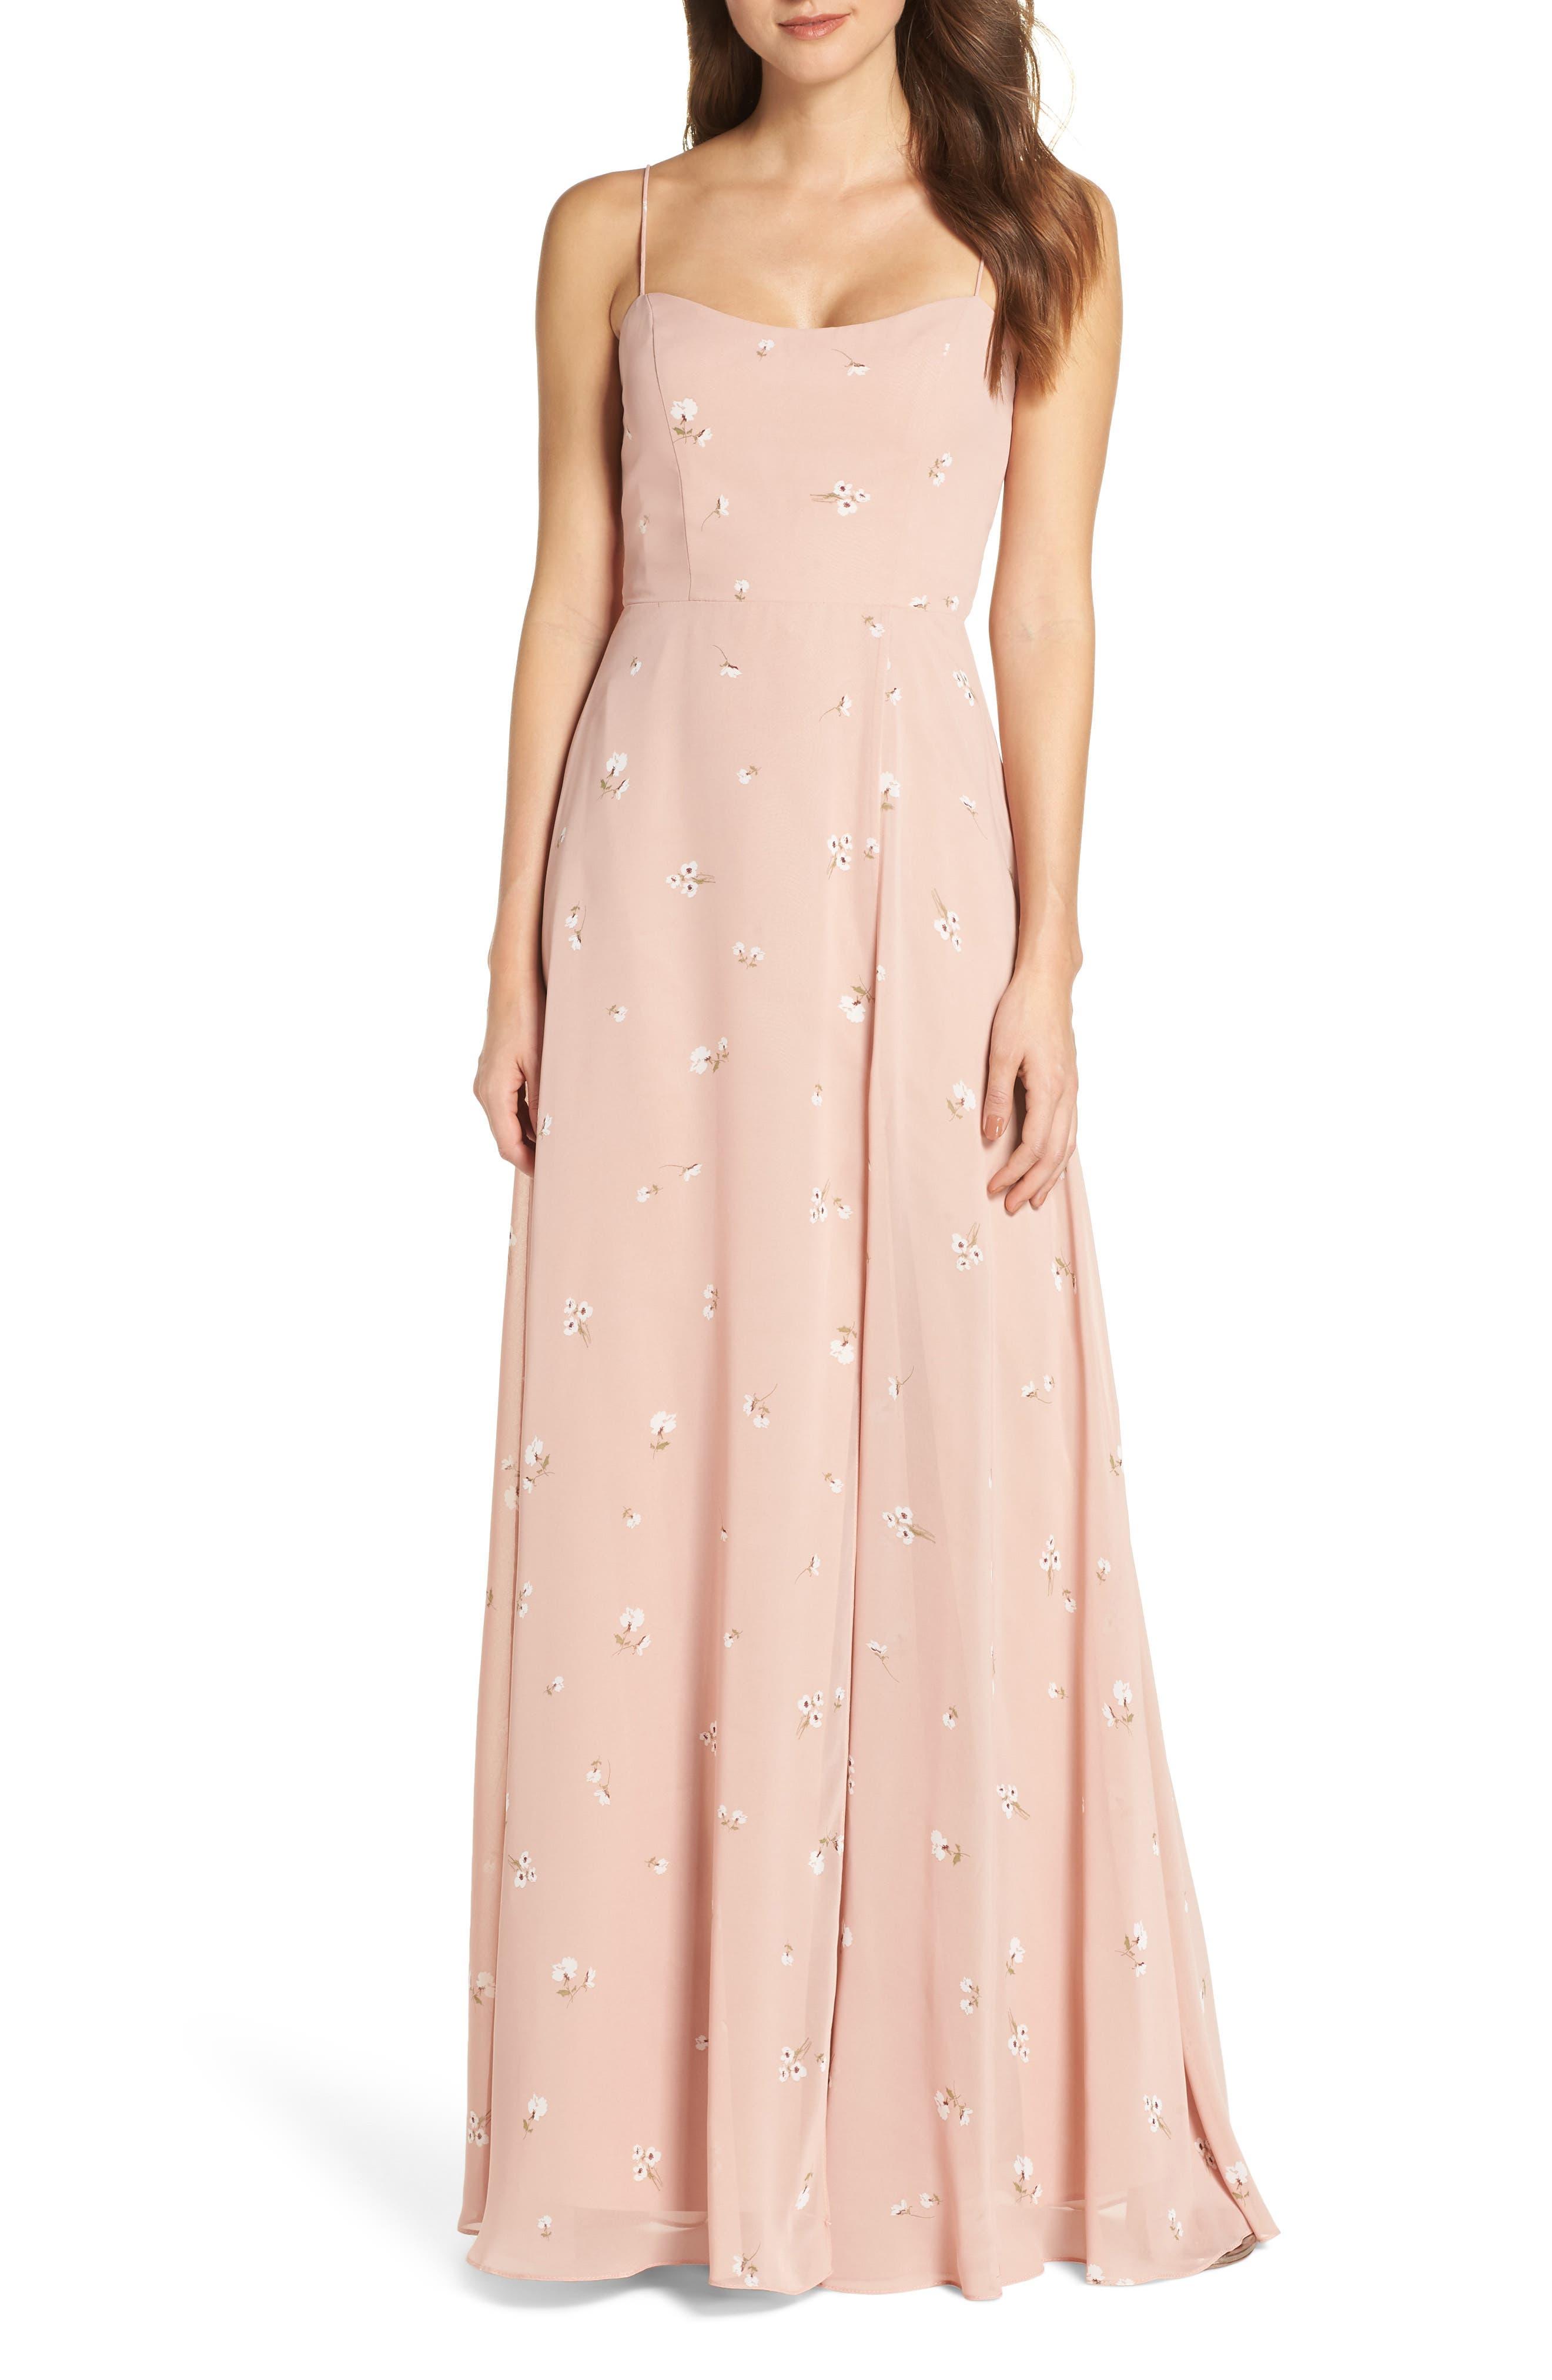 Jenny Yoo Kiara Bow Back Chiffon Evening Dress, Red